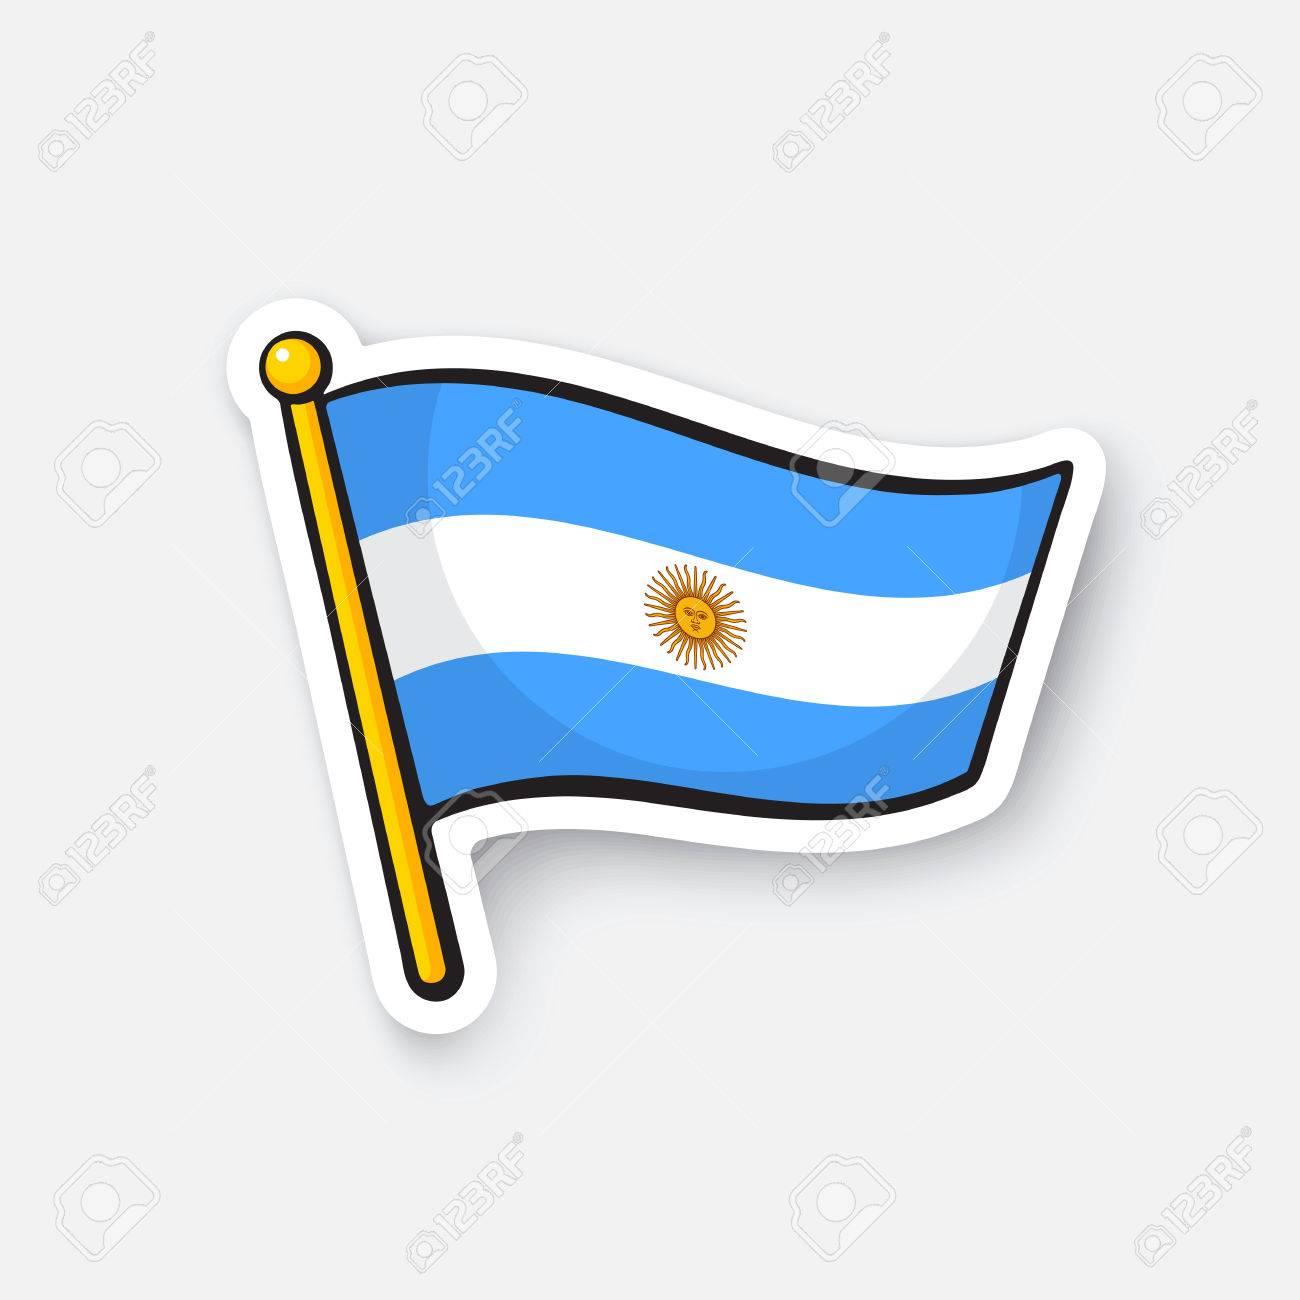 Ilustración Del Vector Bandera De Argentina En Flagstaff Símbolo De Ubicación Para Los Viajeros Etiqueta De Dibujos Animados Con El Contorno